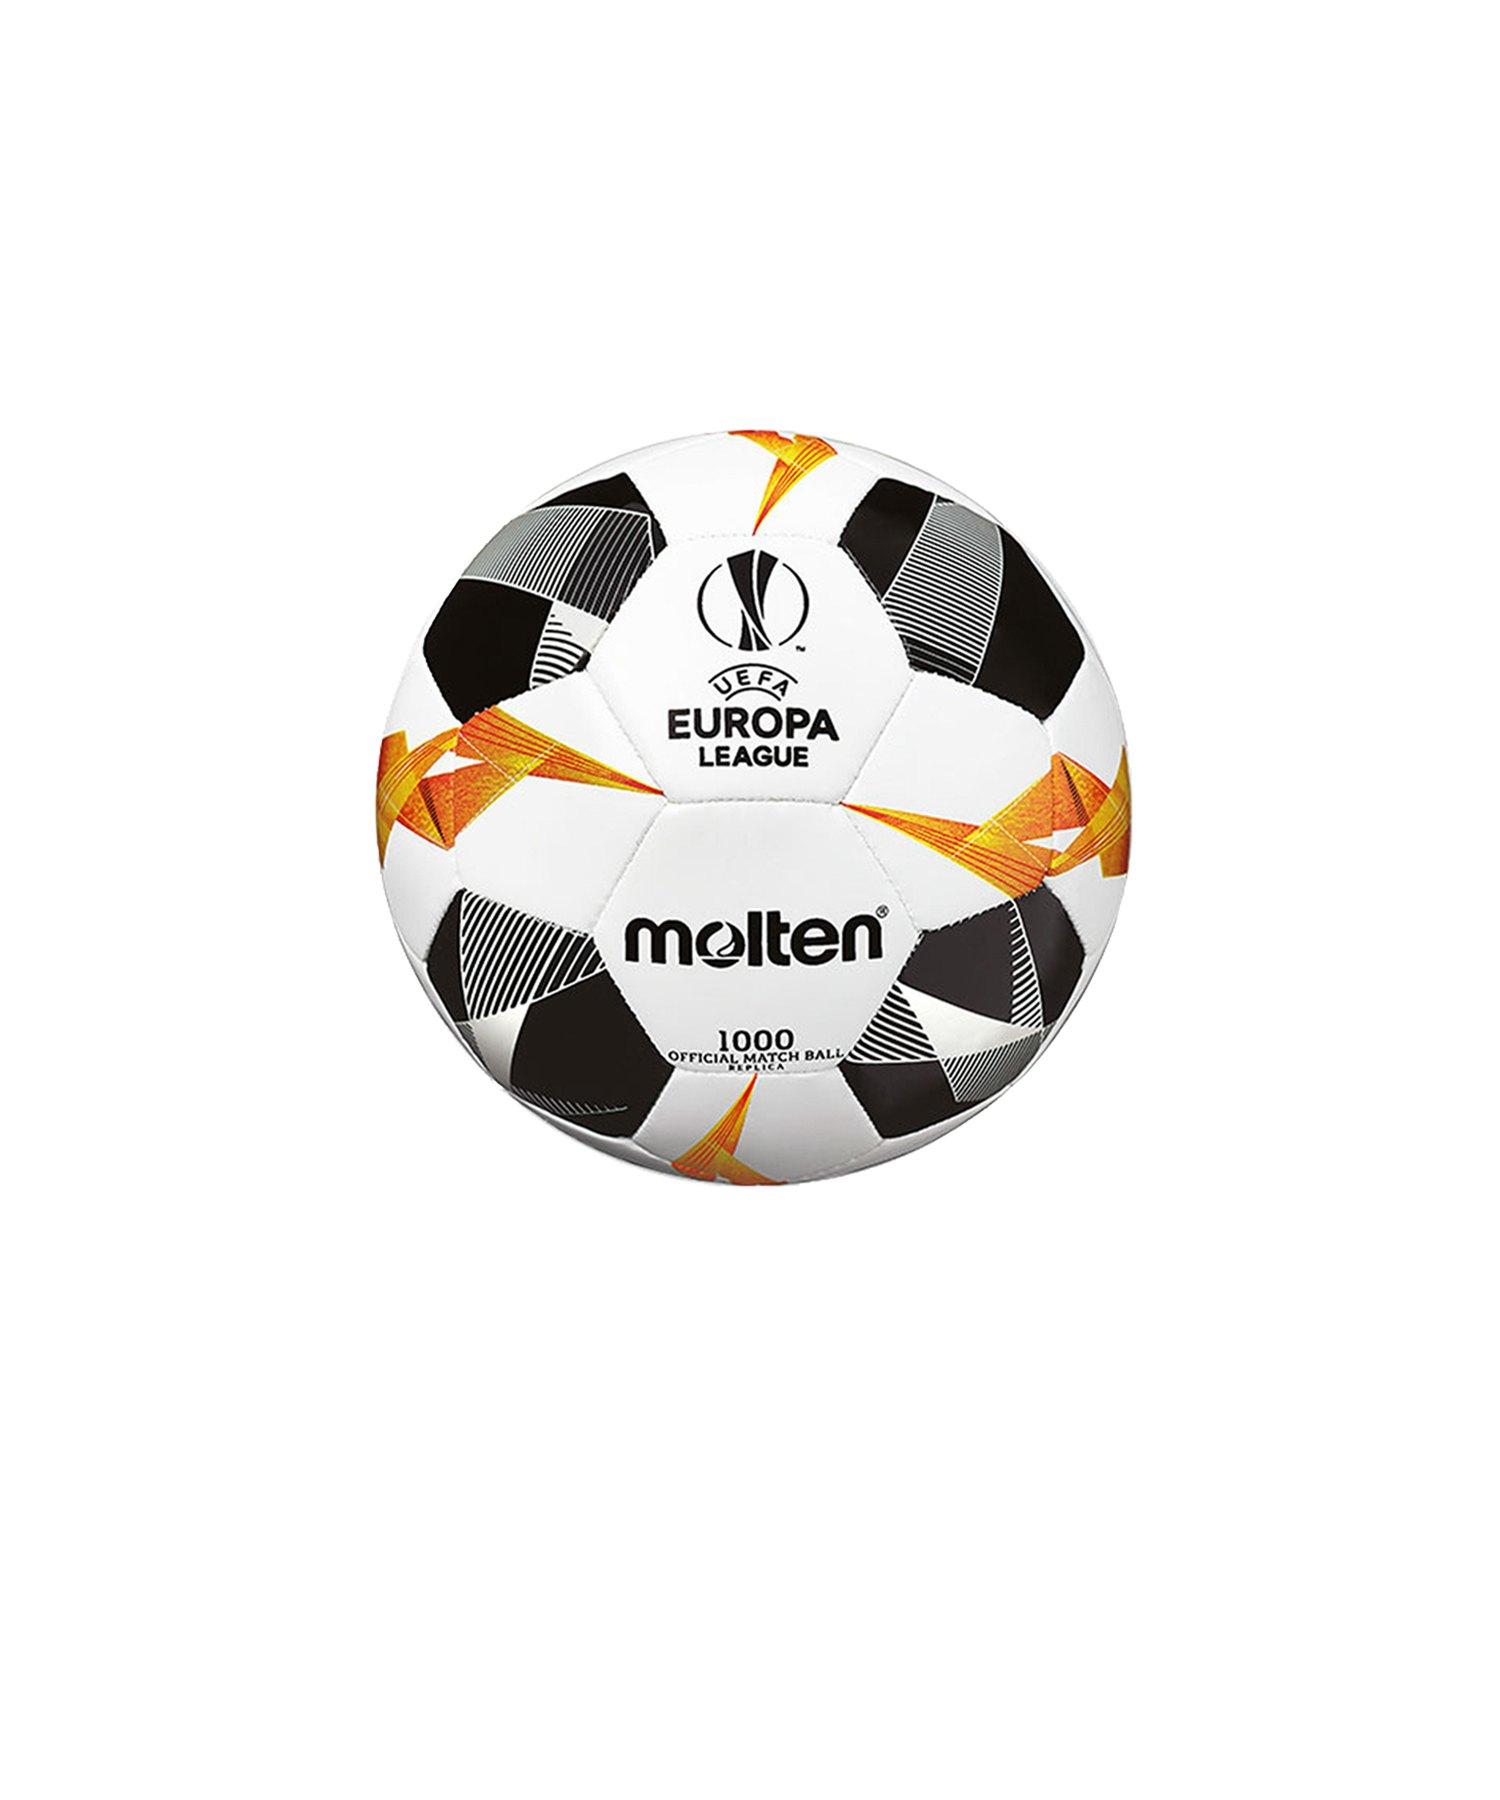 Molten Europa League Miniball Replika 19/20 Weiss - weiss